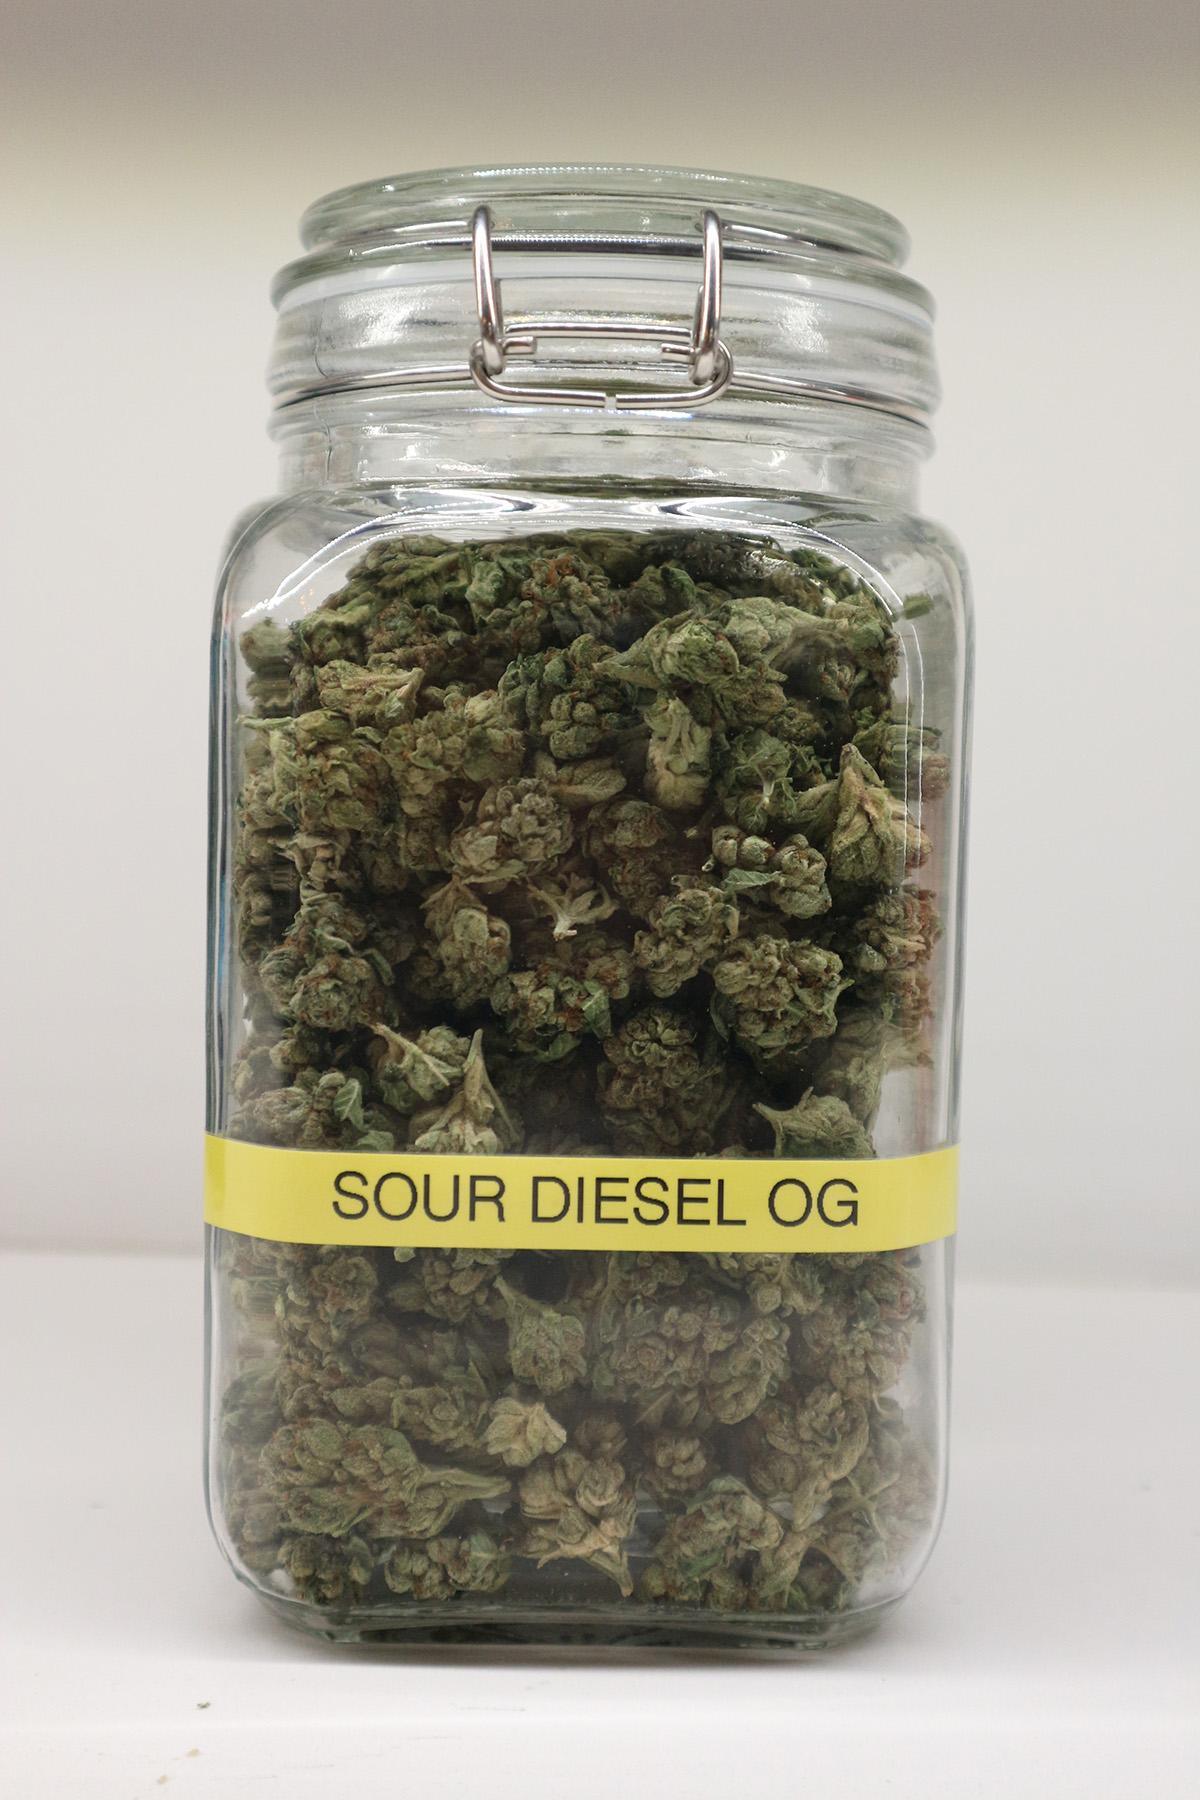 Sour Diesel OG